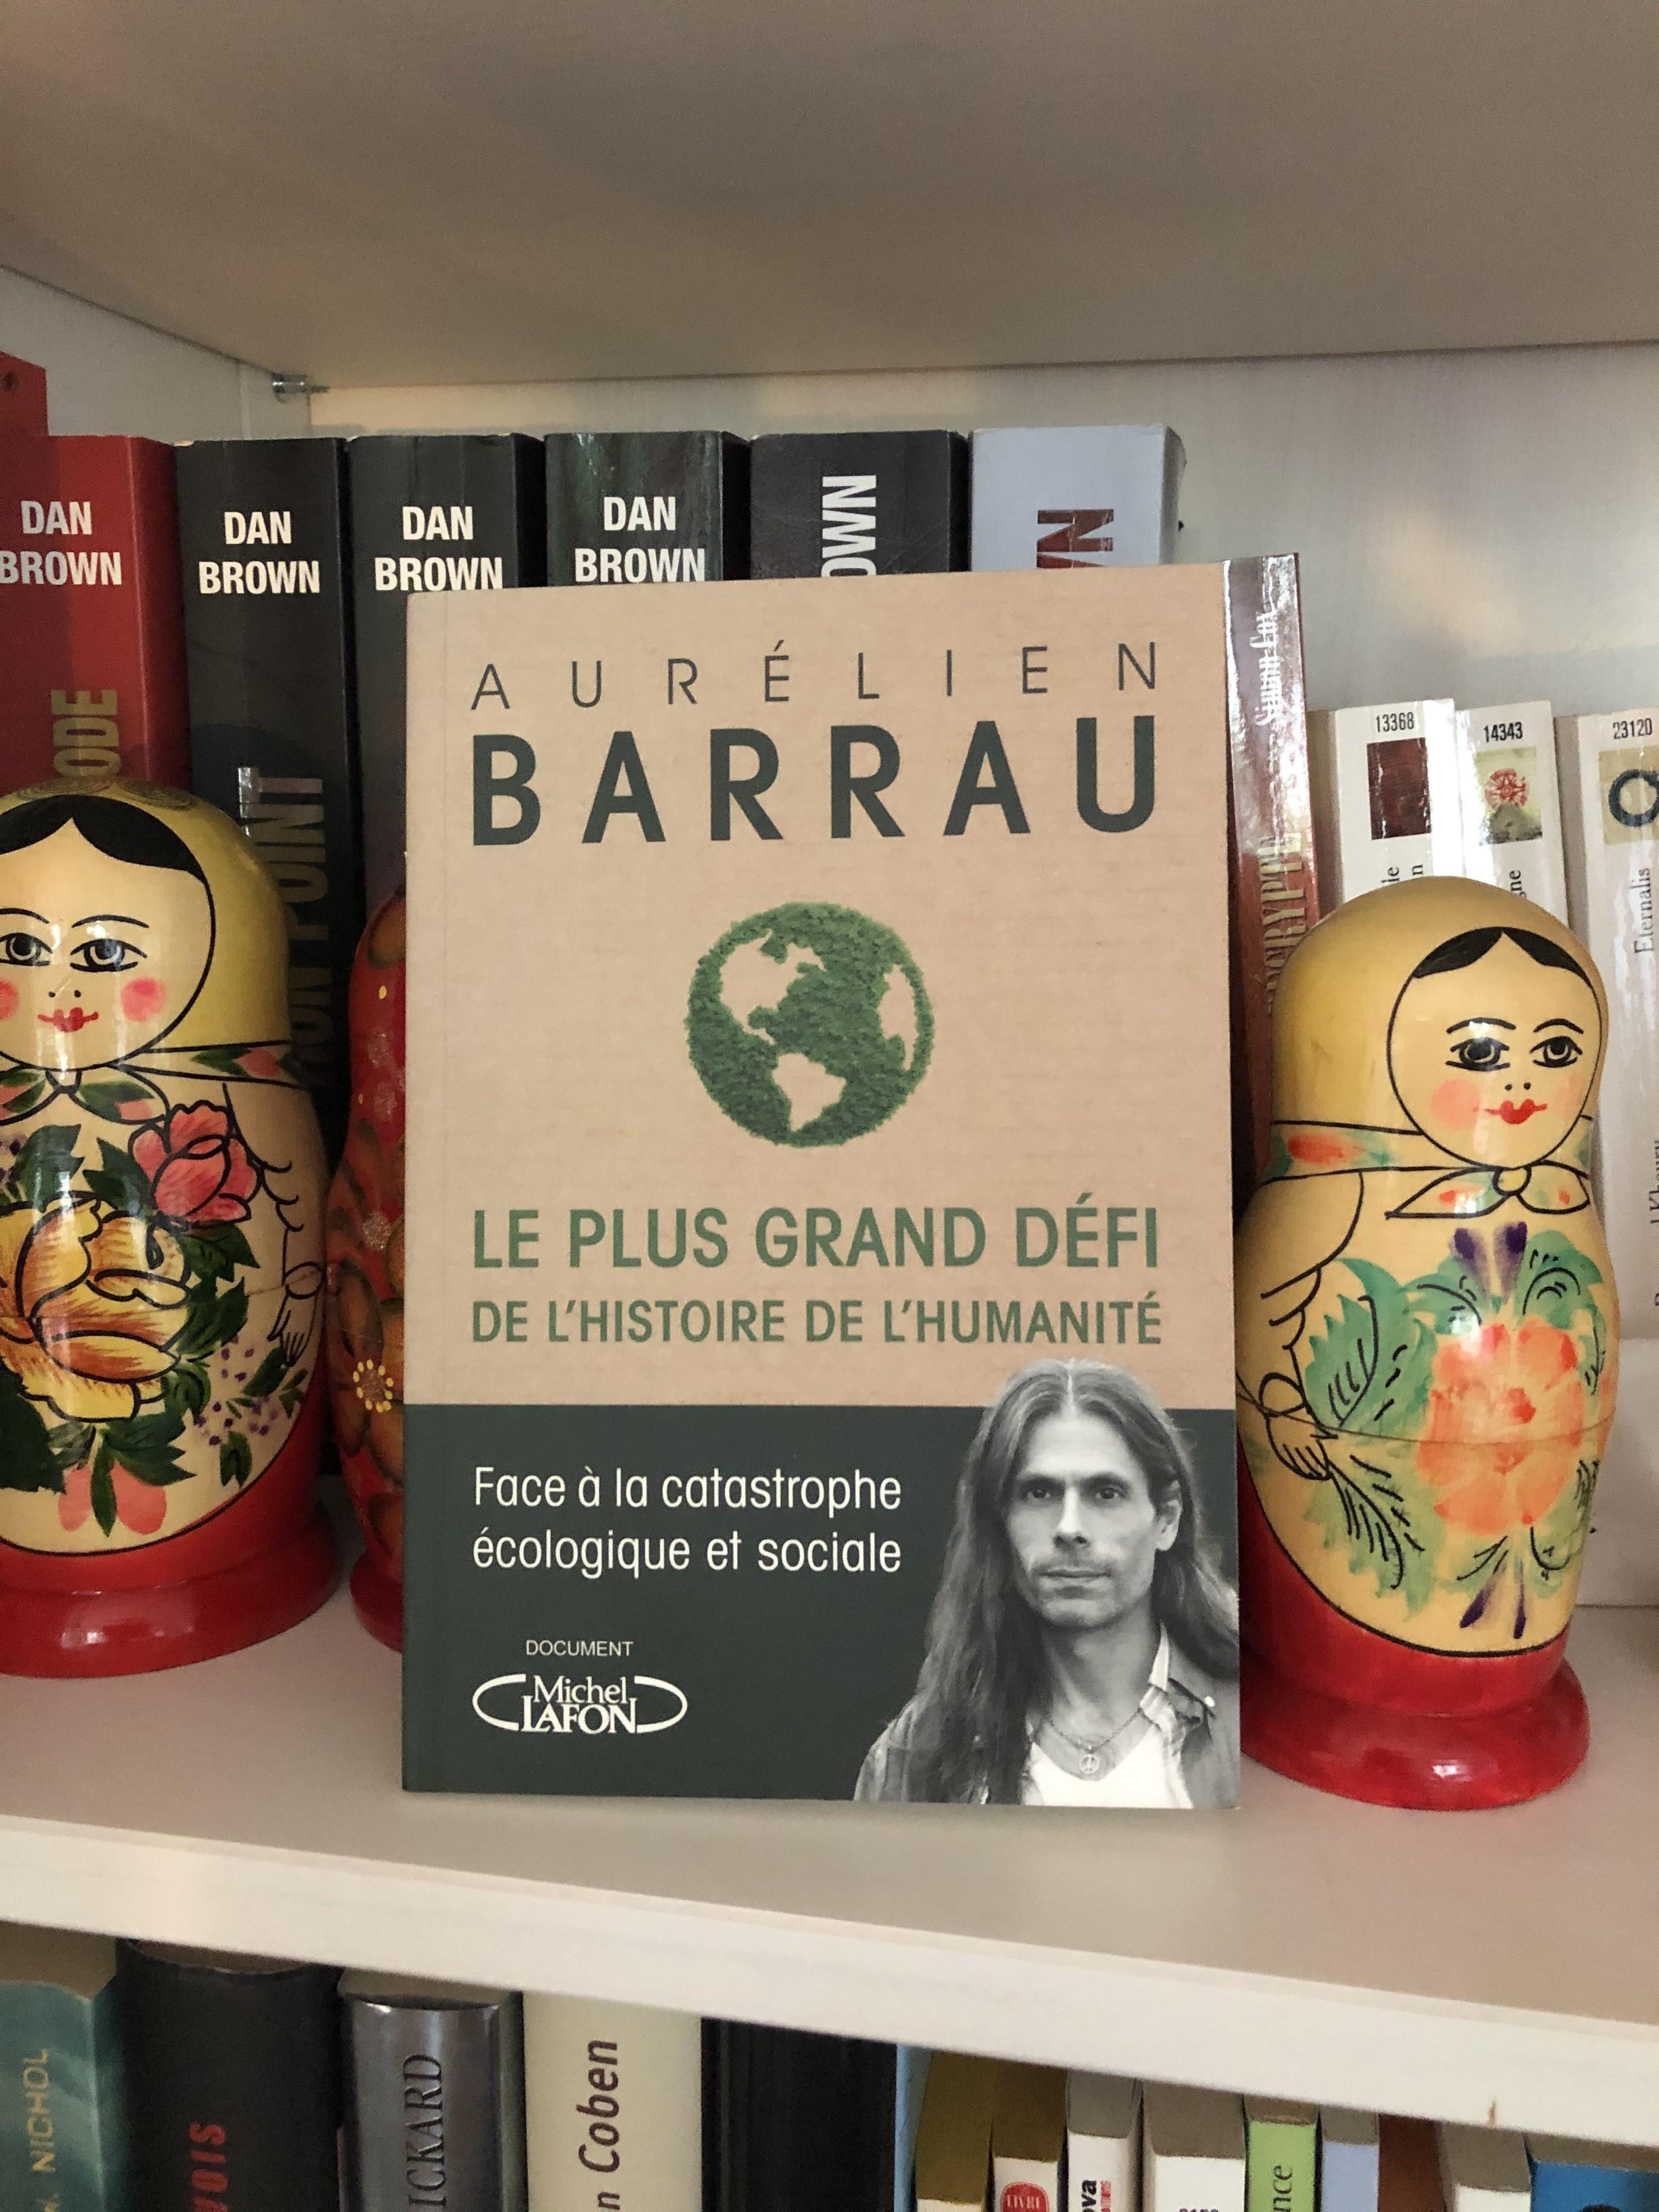 [Lecture] Le plus grand défi de l'Histoire de l'Humanité, d'Aurélien Barrau